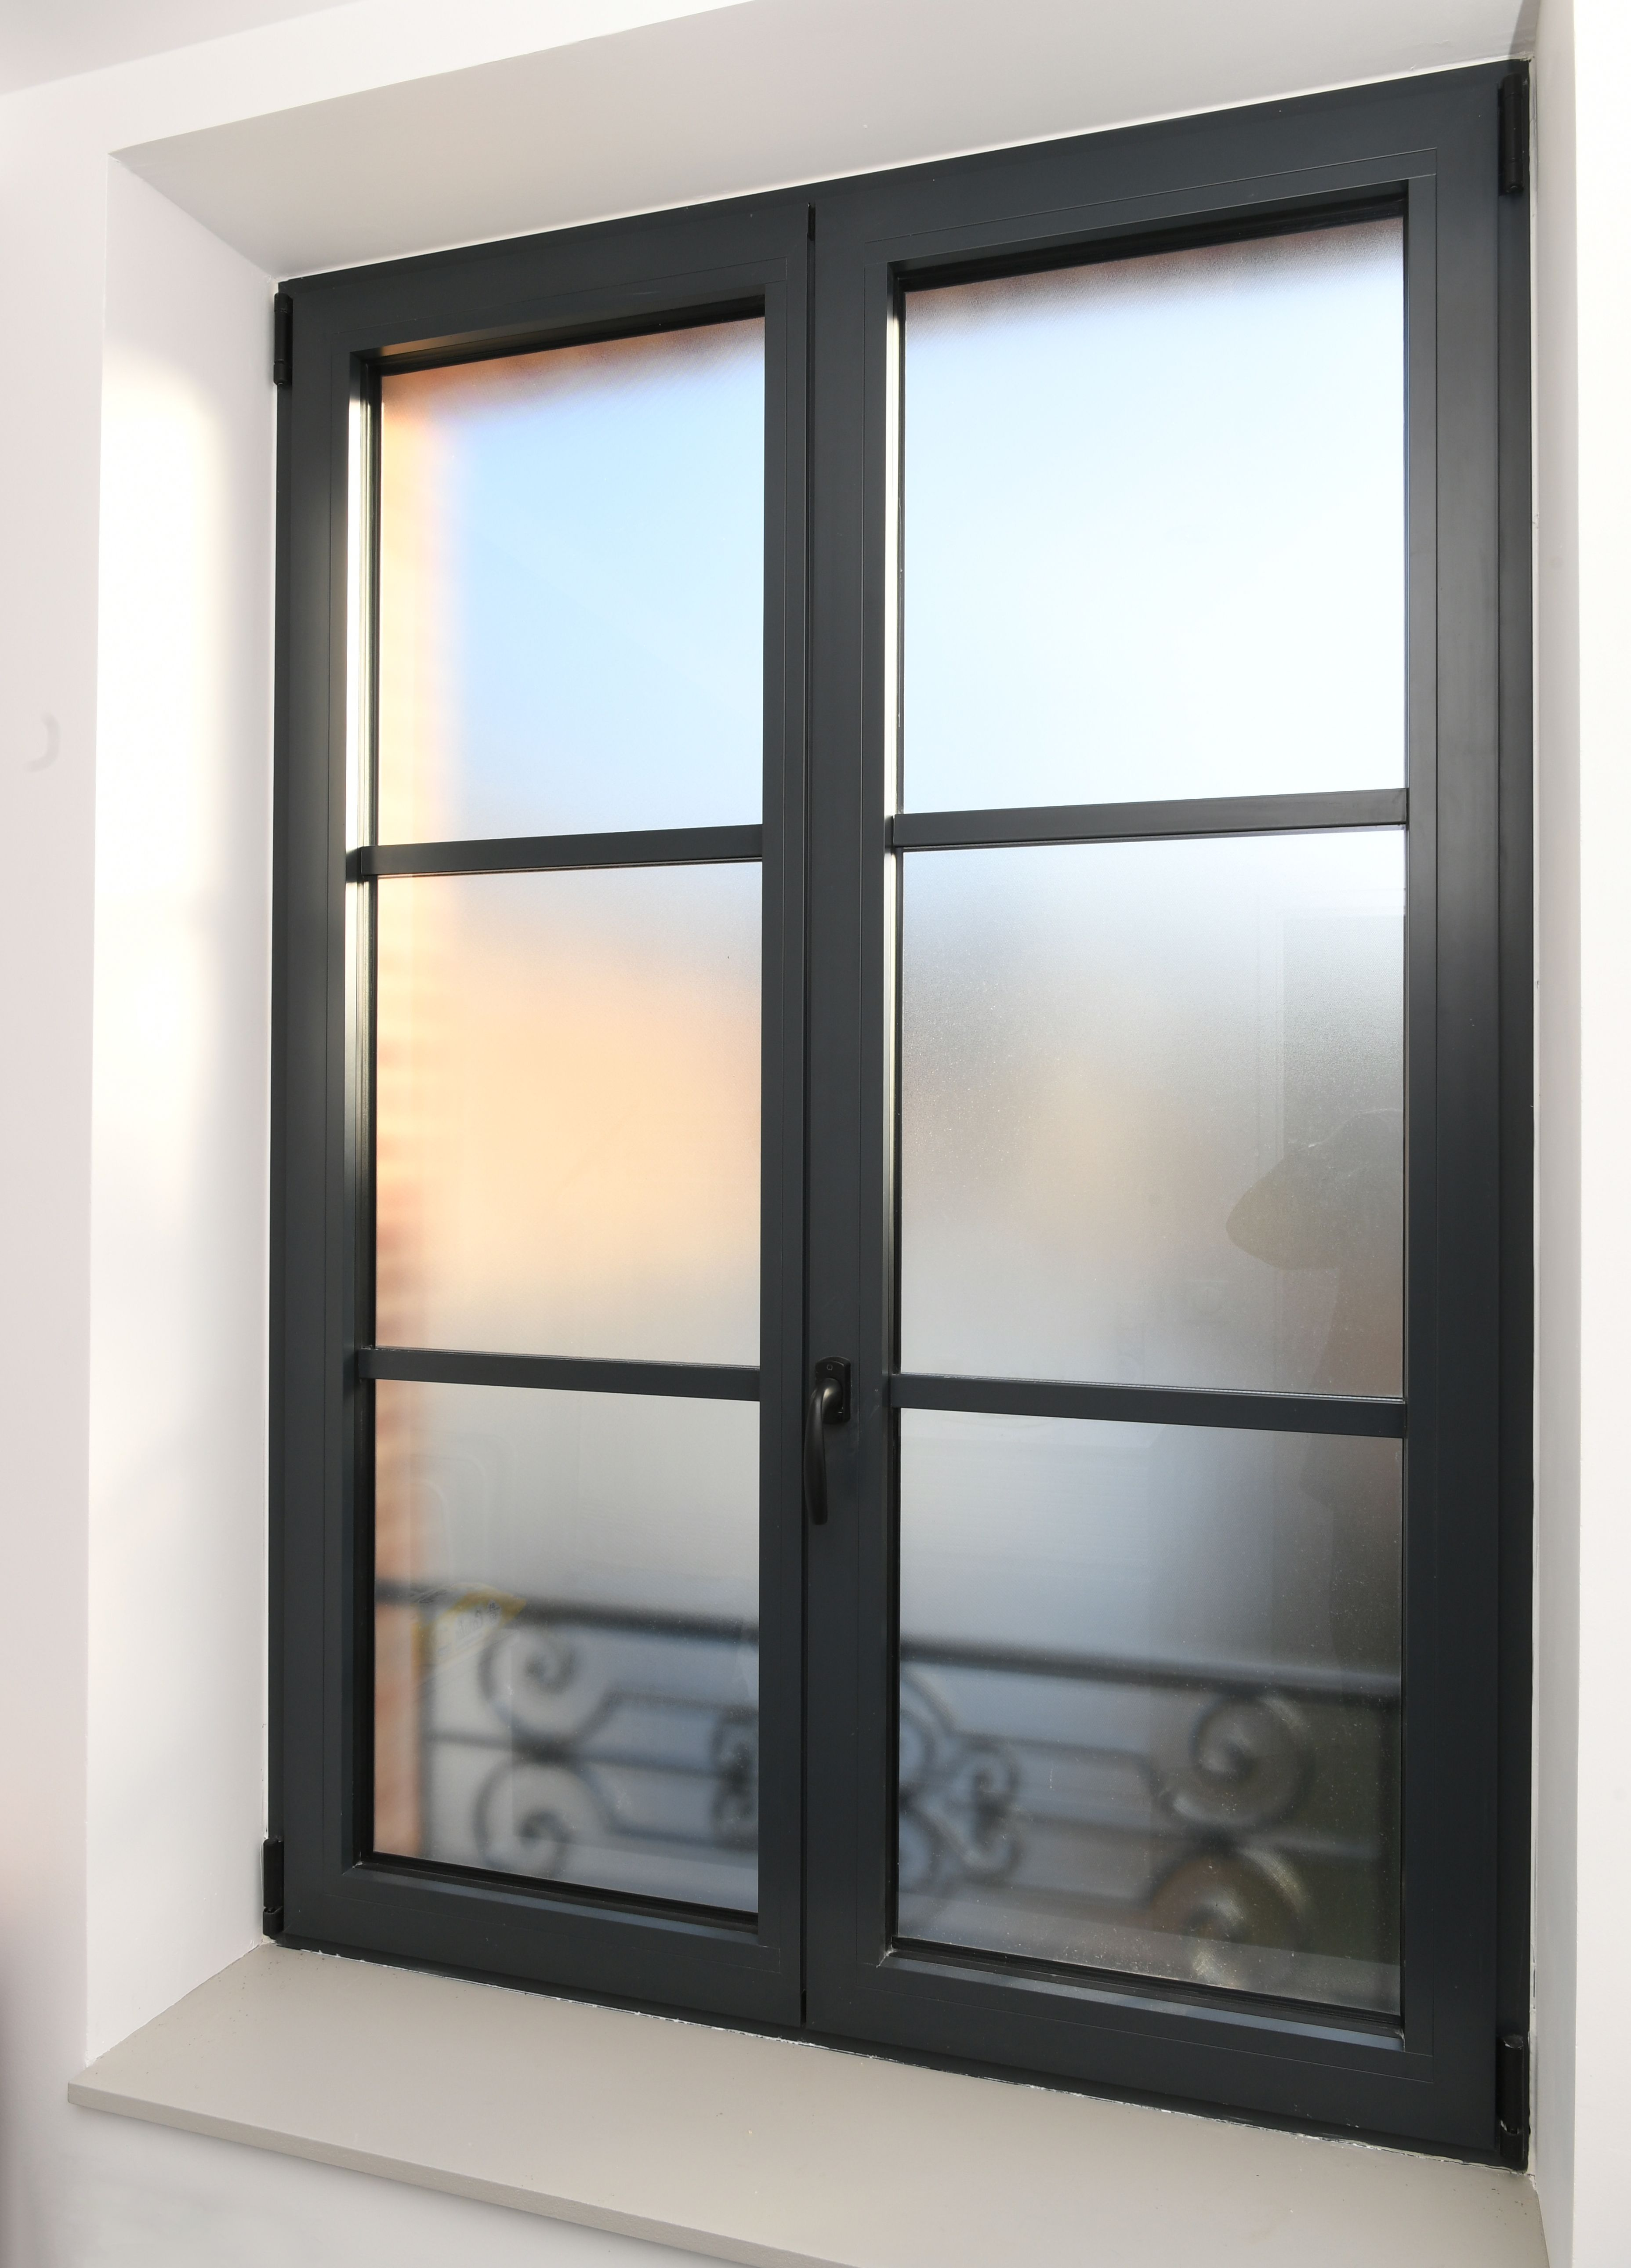 Changer Ses Fenetres Dans L Ancien En Preservant Style Et Intimite Fenetres Aluminium Design De Maison Contemporaine Fenetre Double Vitrage